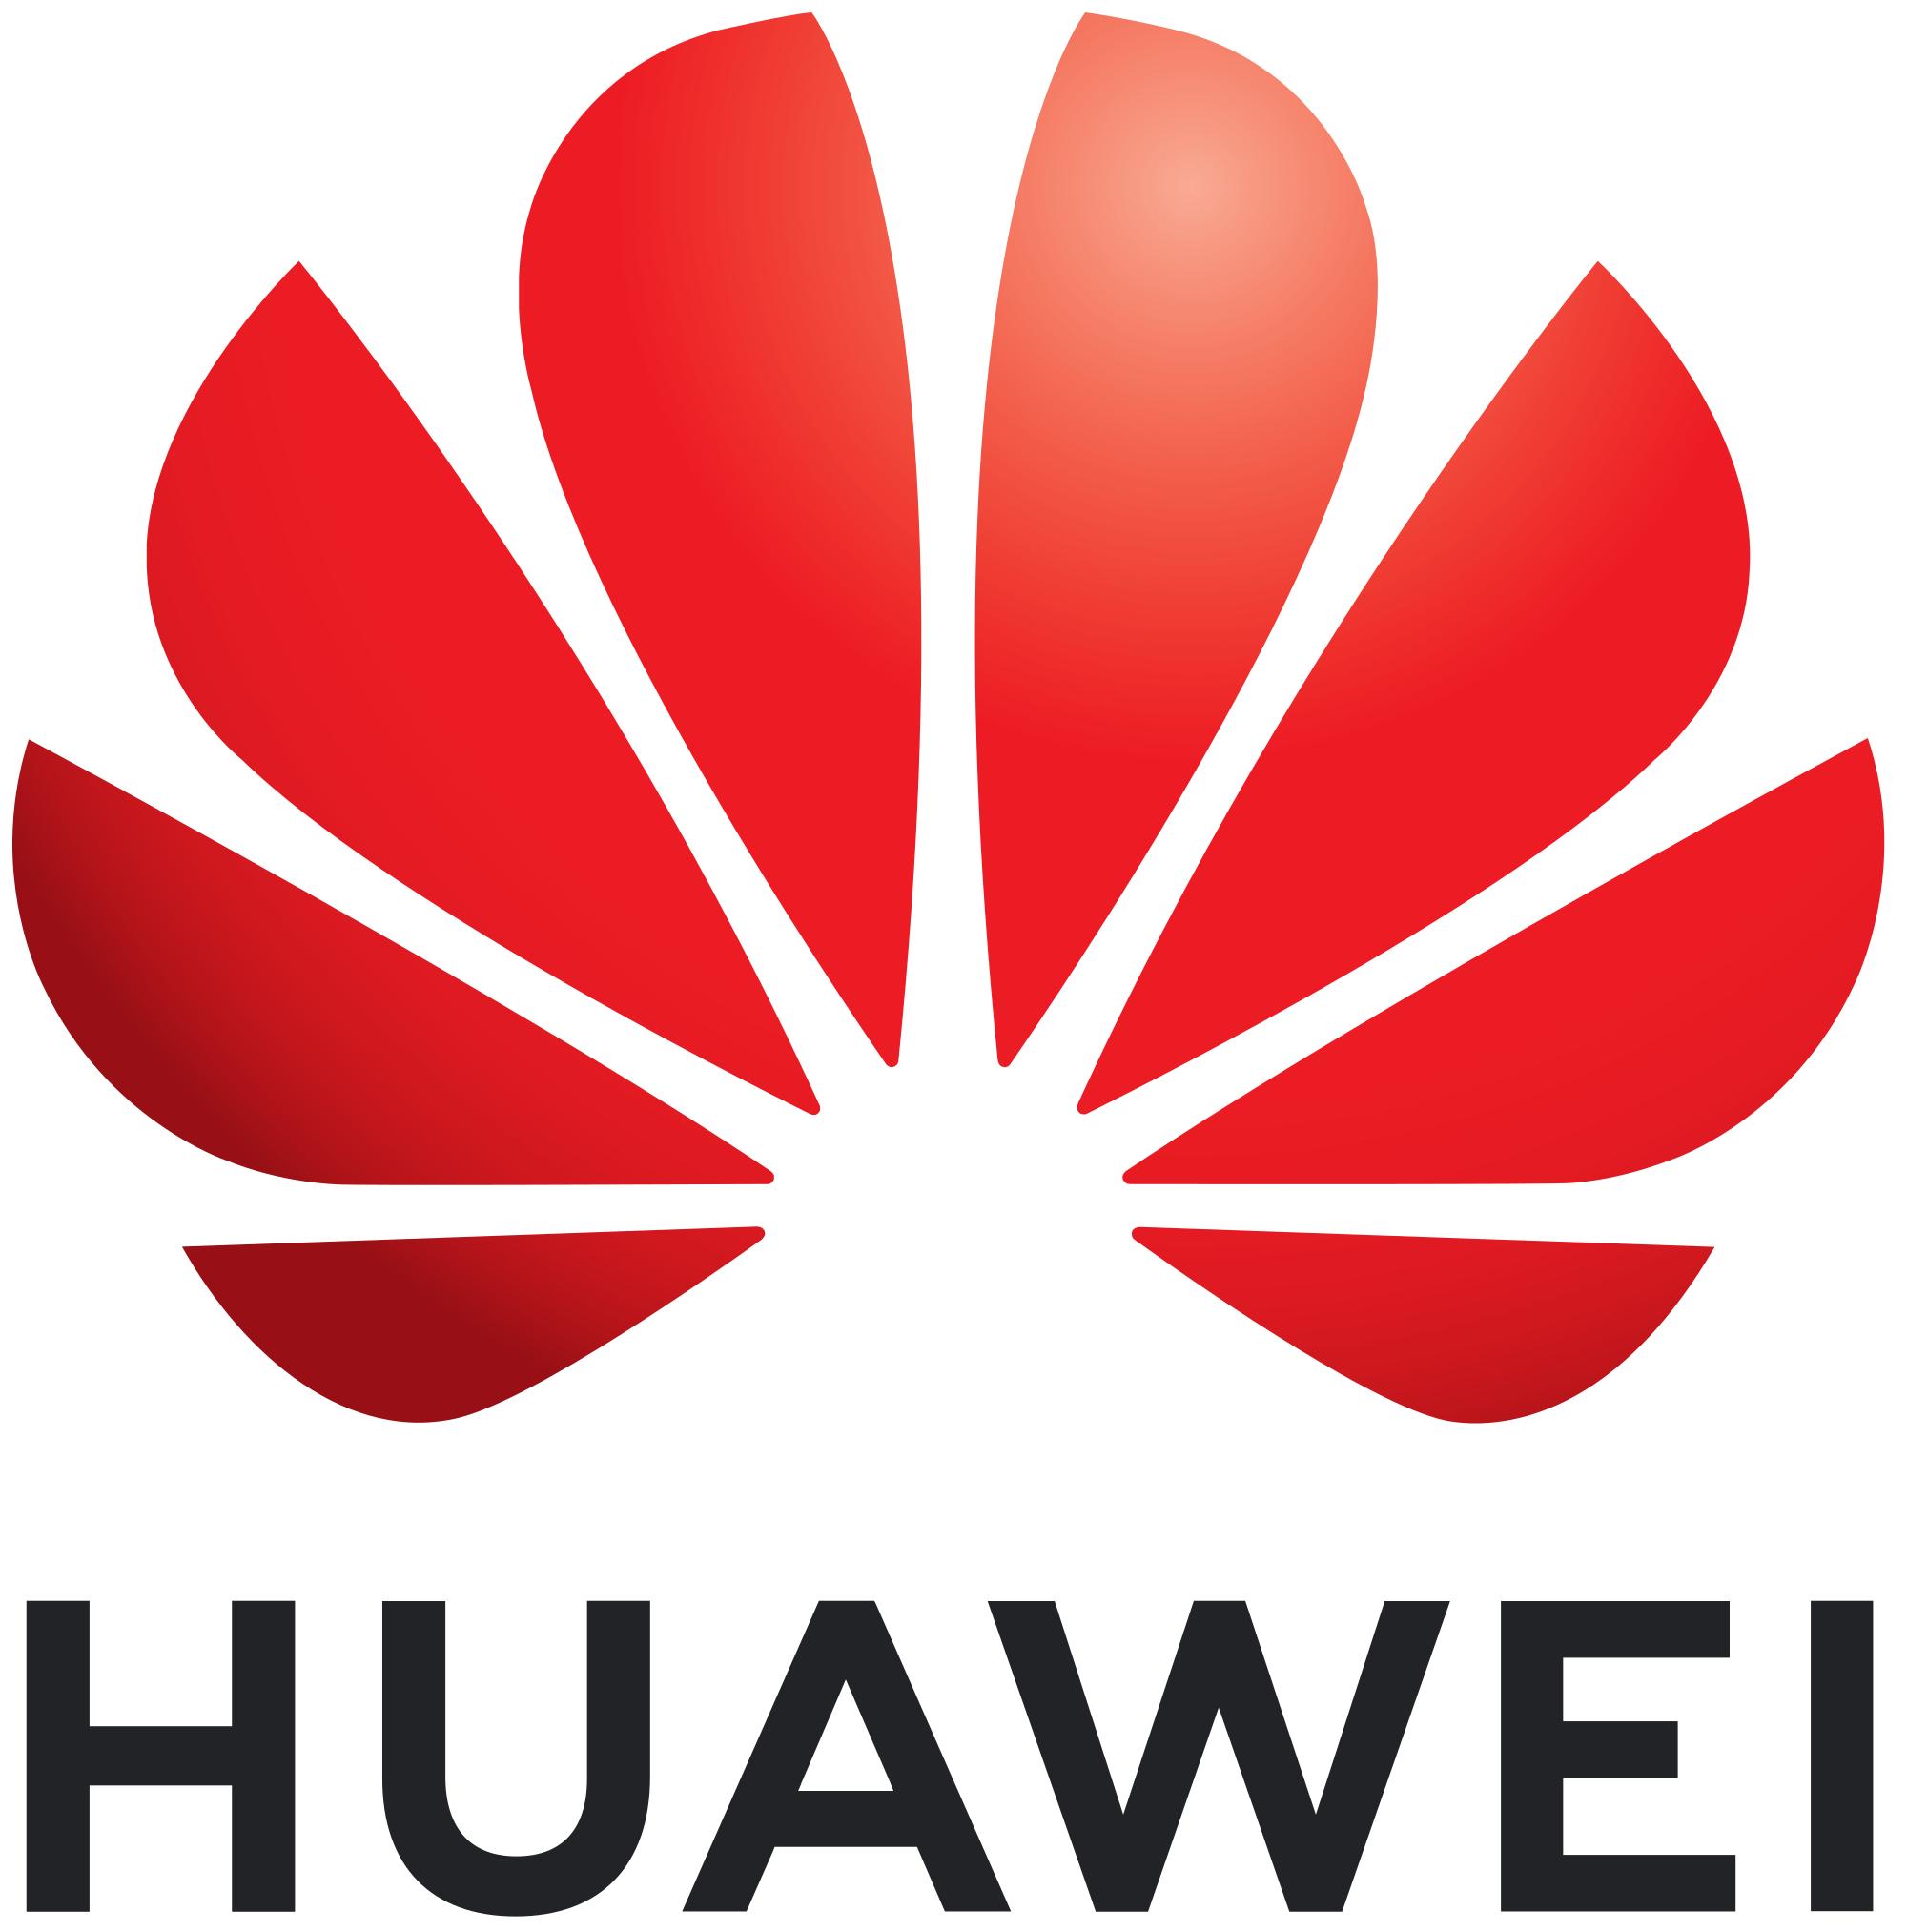 Huawei Aktion mit 6% Cashback + bis zu 100€ Shoop.de-Gutschein u.a. Huawei P30 (Shoop)